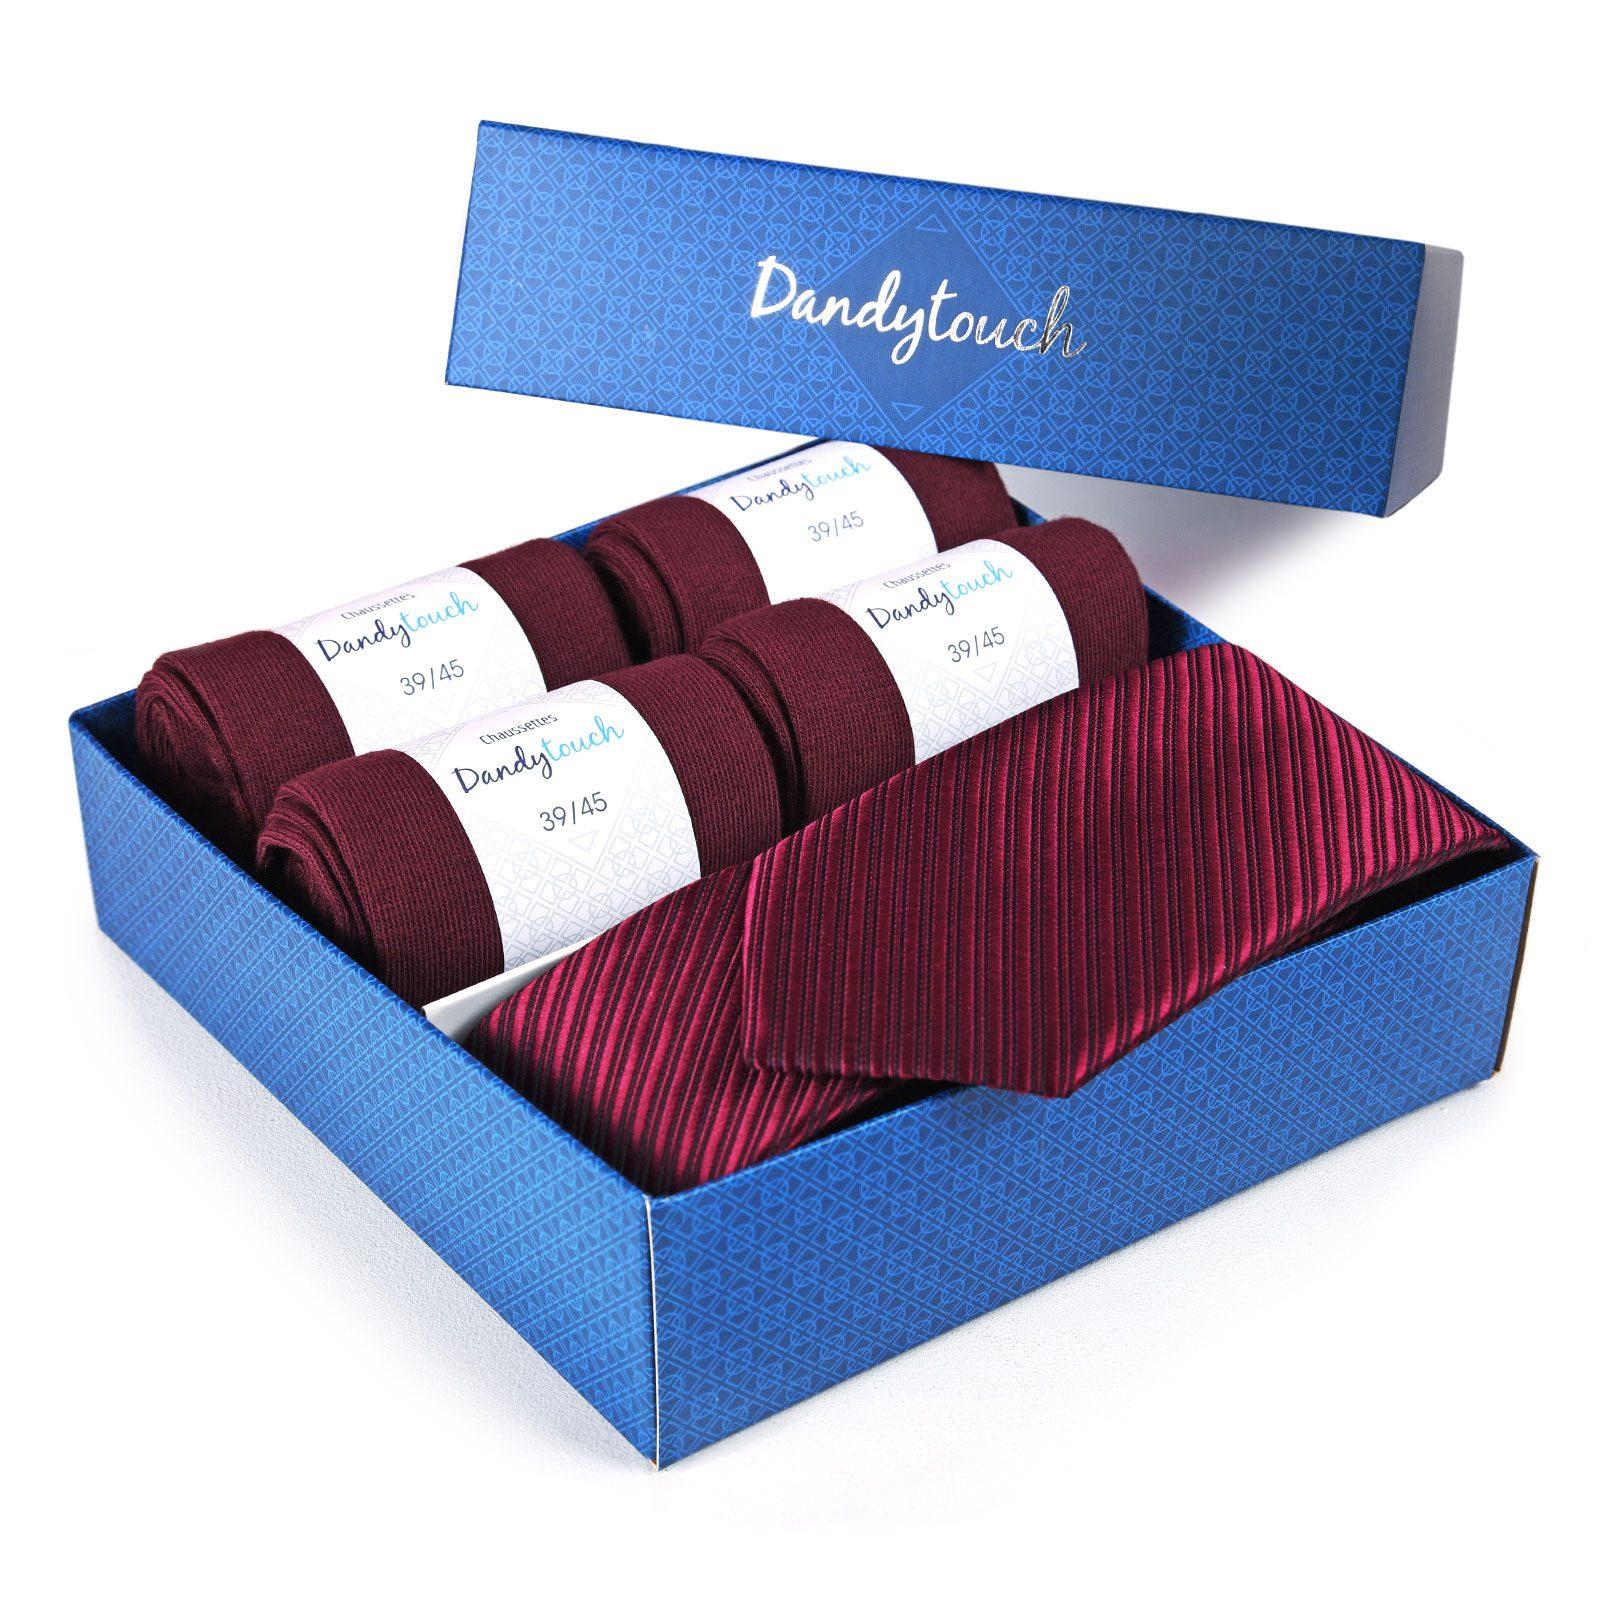 http://lookbook.allee-du-foulard.fr/wp-content/uploads/2018/12/PK-00086-B16-coffret-cadeau-chaussettes-cravate-bordeaux-1600x1600.jpg